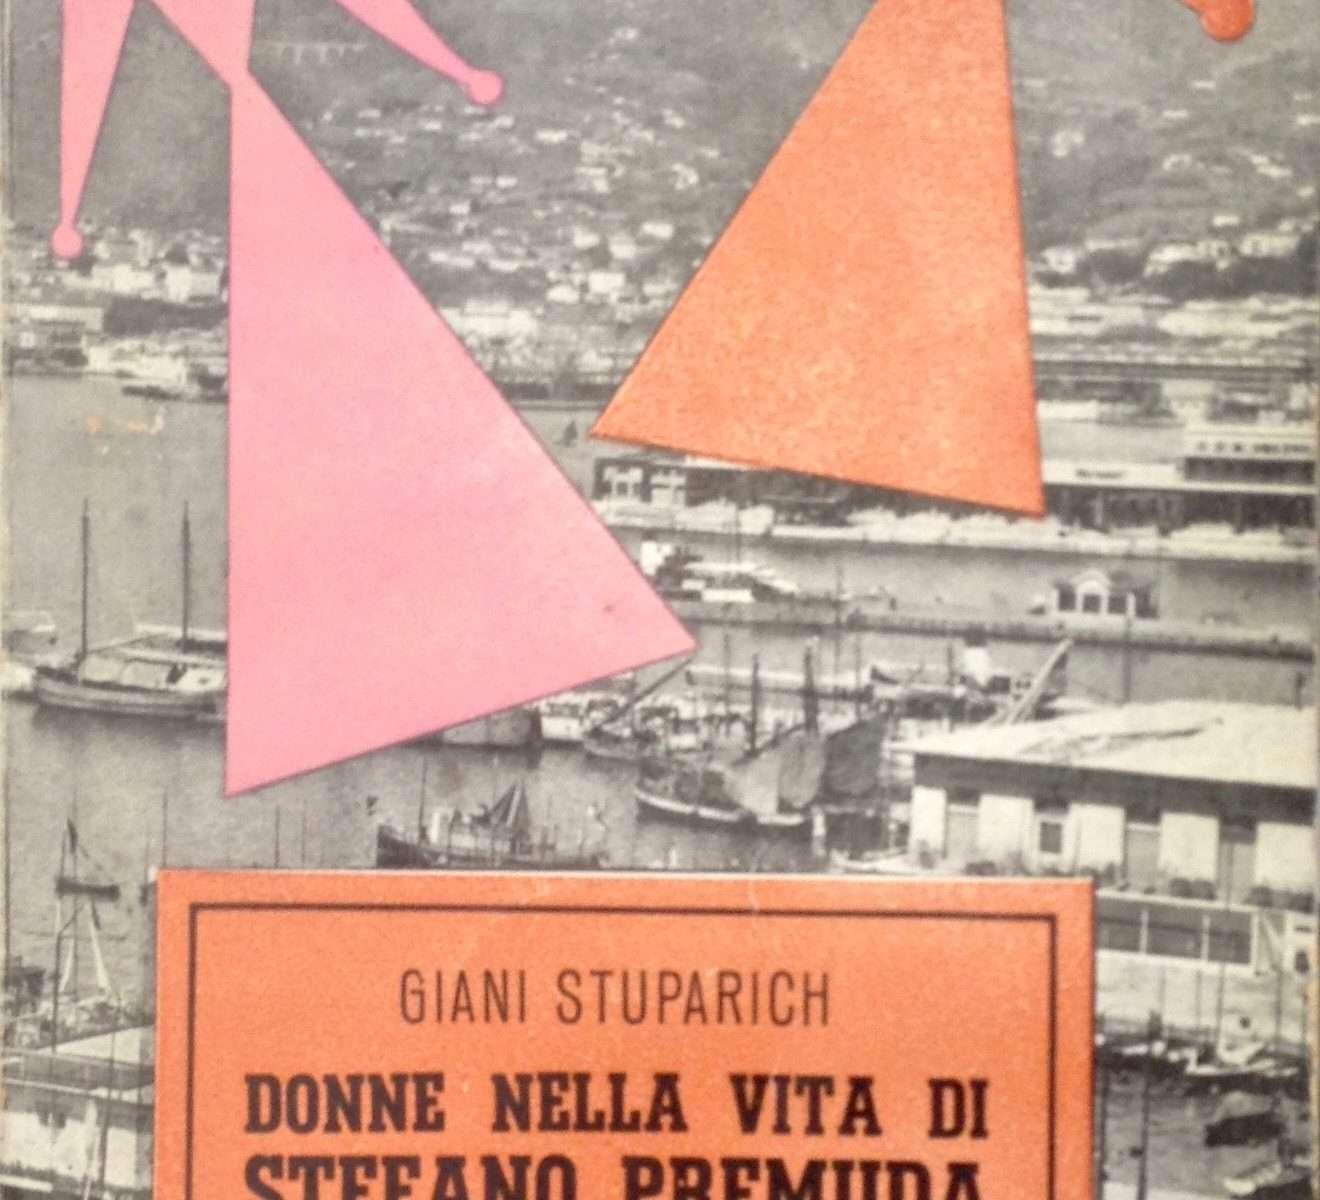 DONNE NELLA VITA DI STEFANO PREMUDA  <BR/>Gianni Stuparich